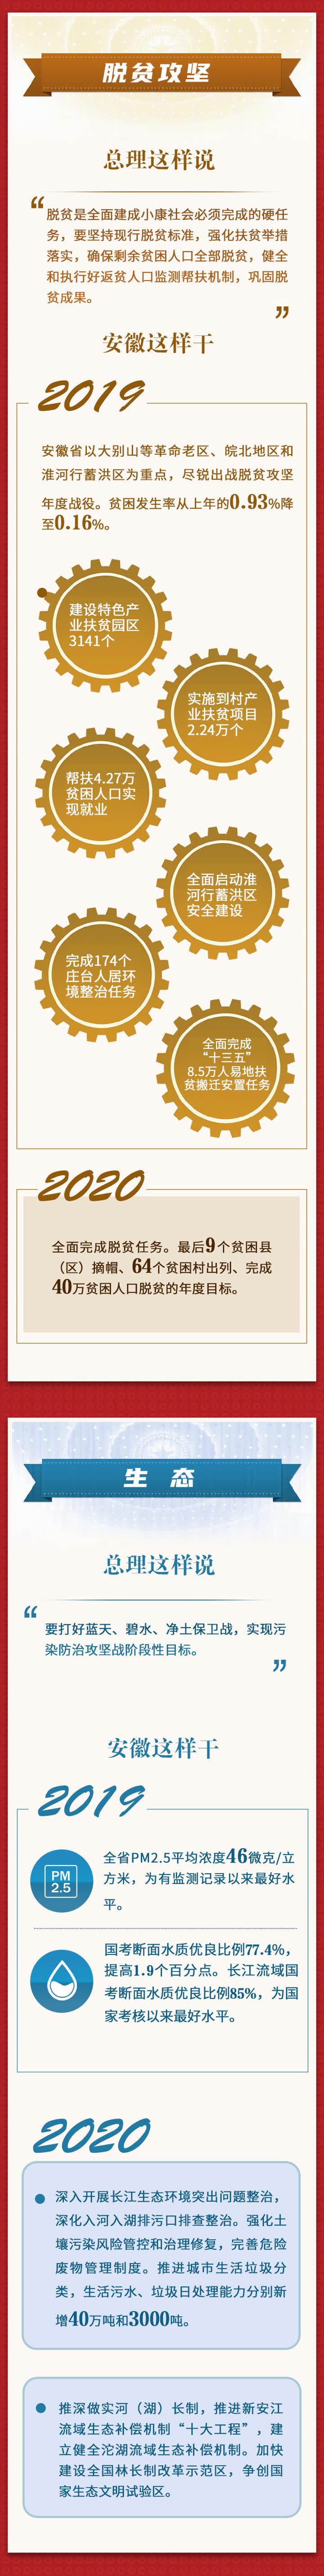 政府报告看安徽-定03.jpg